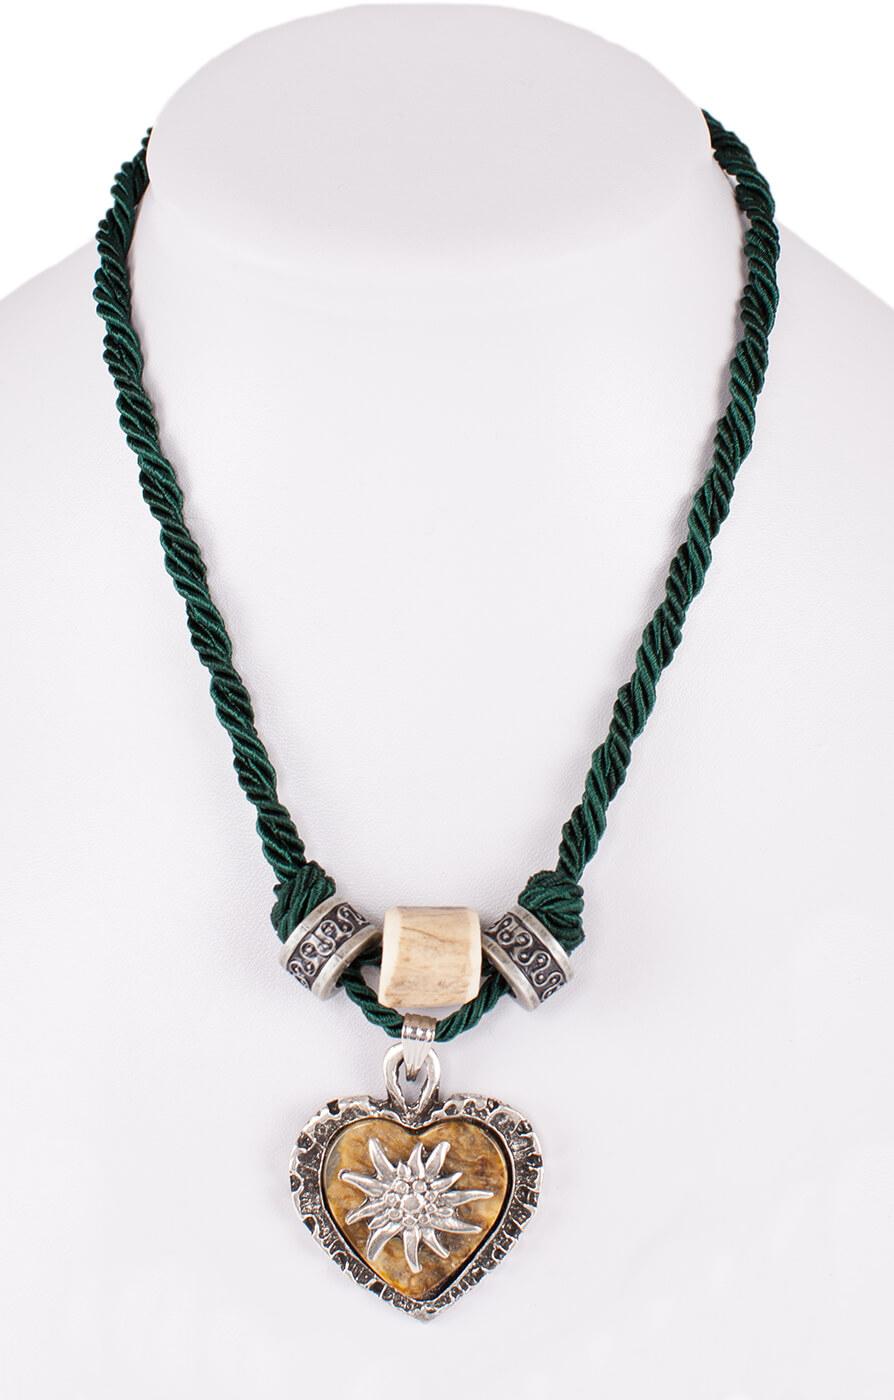 Traditional necklace uni with heart horn imitation 12189-8598 oldgreen von Schuhmacher